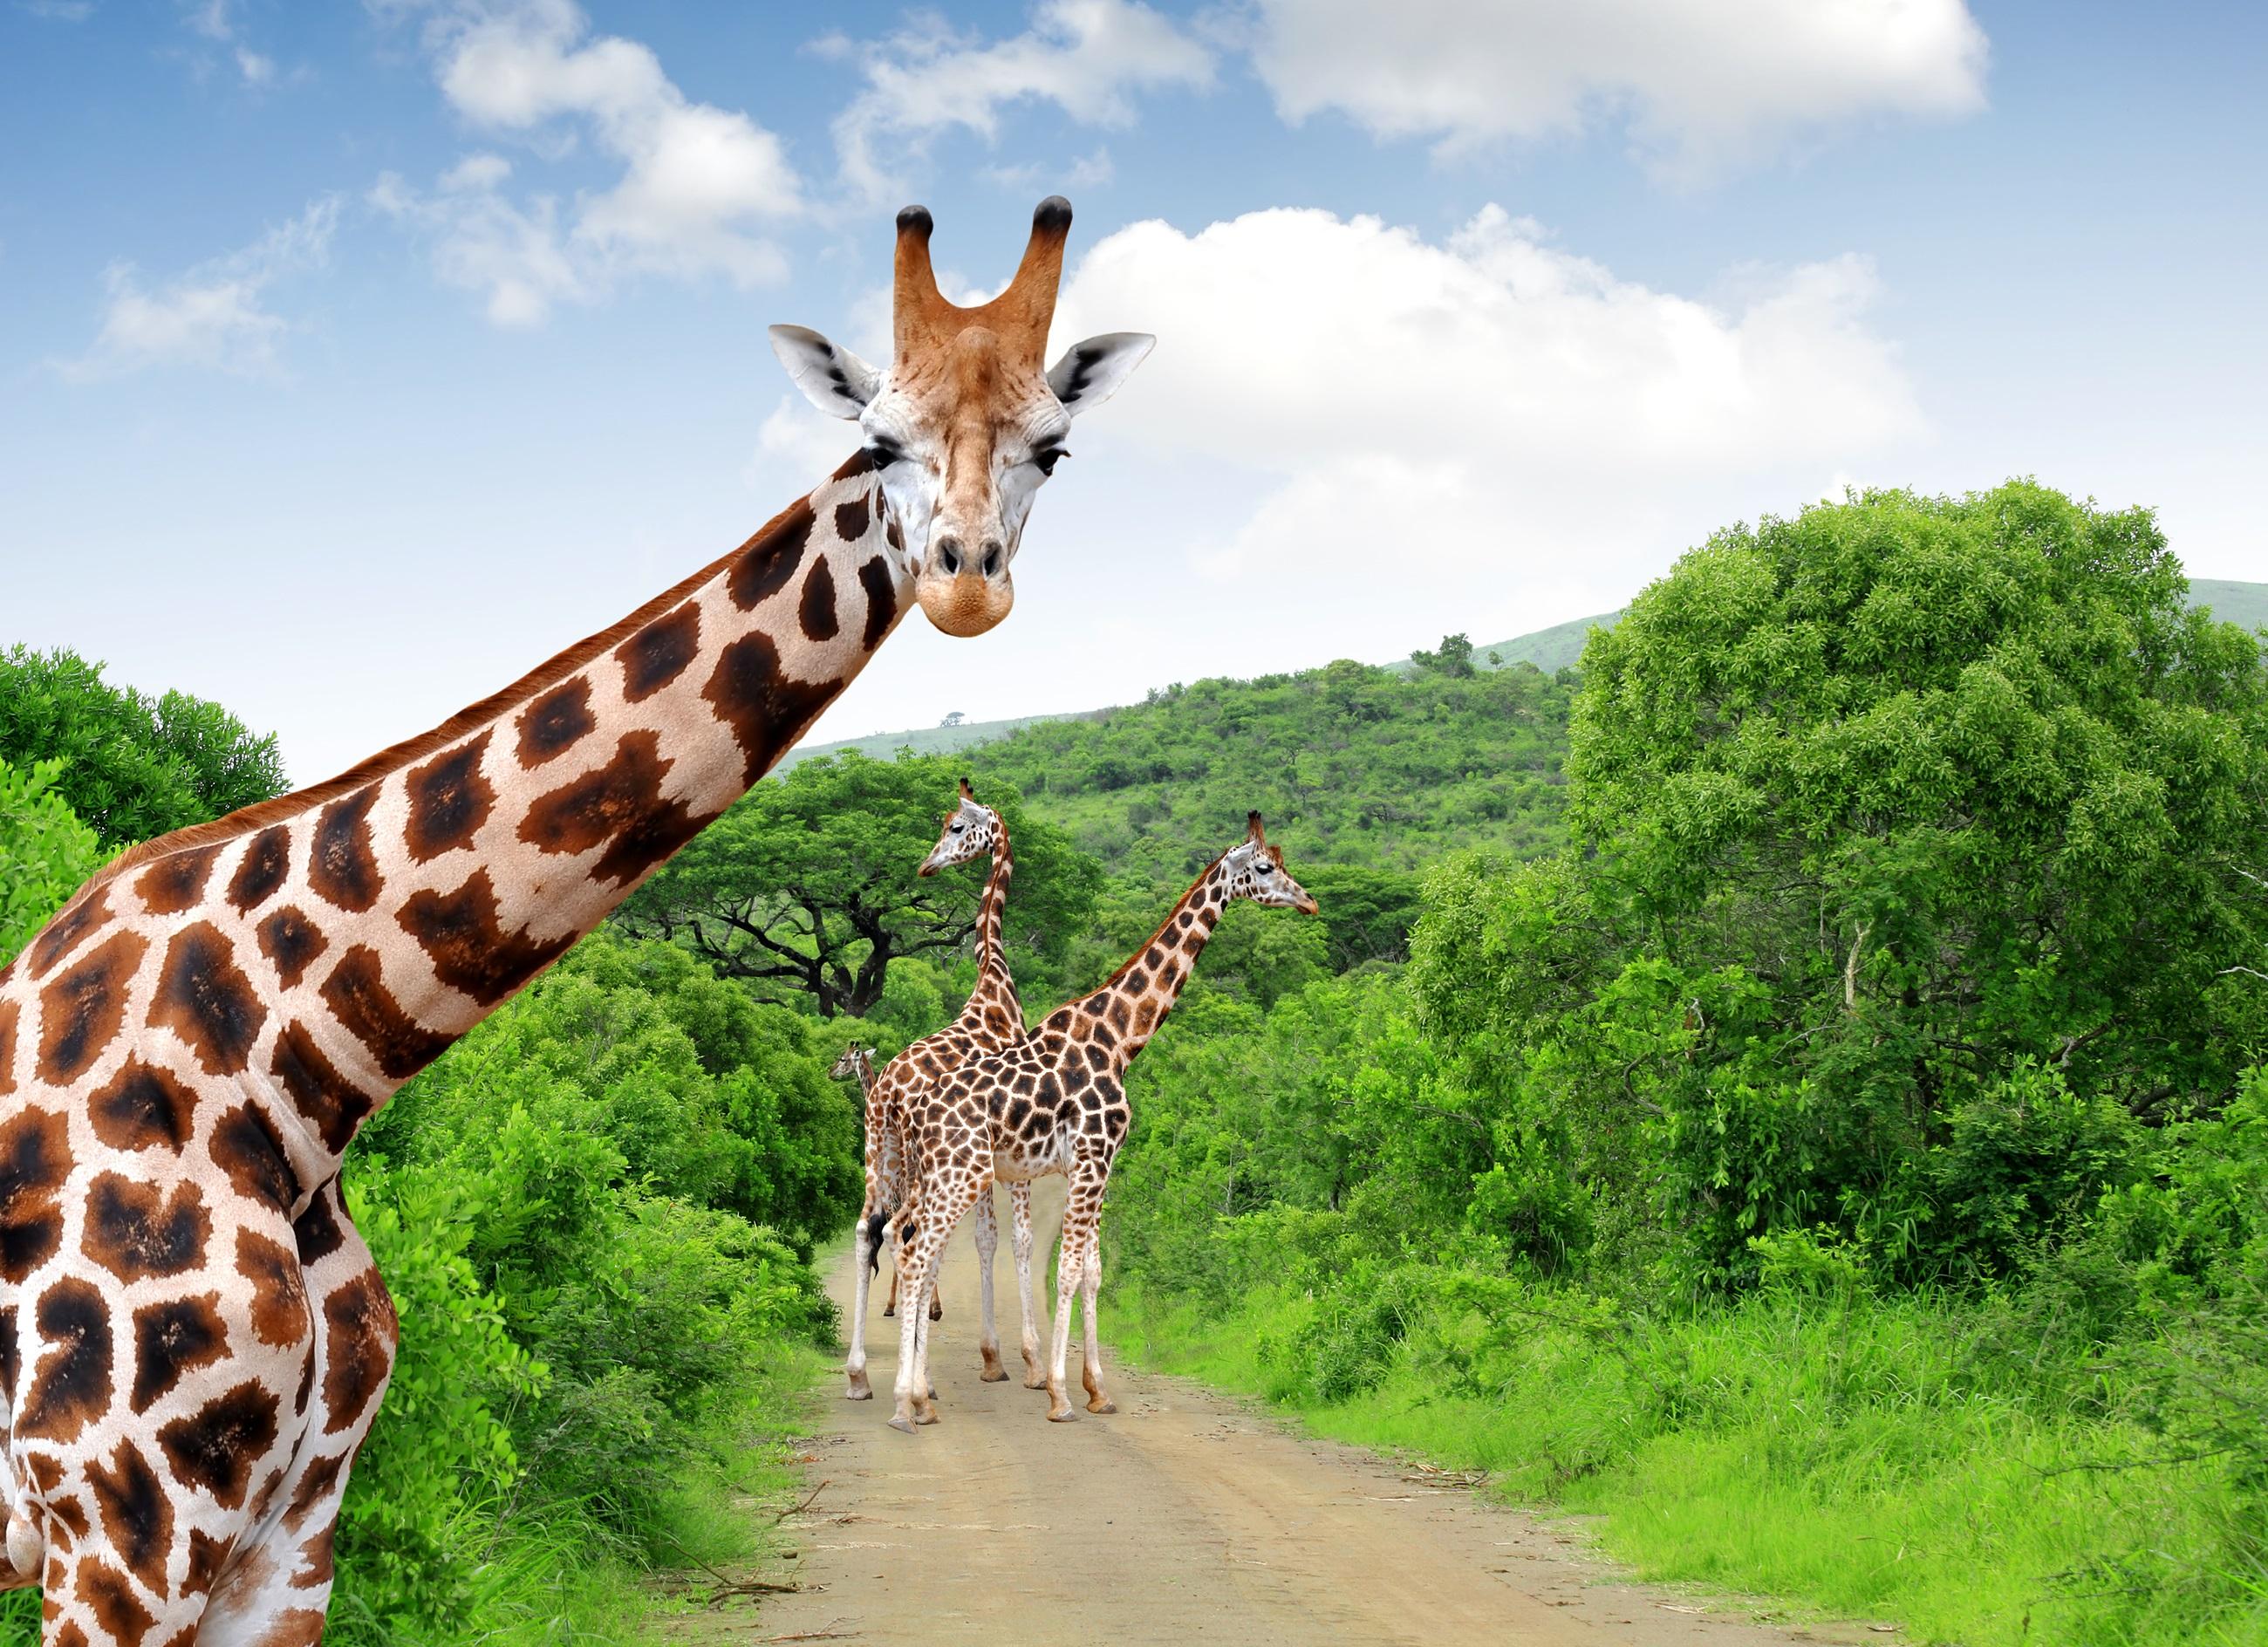 """Национален парк Крюгер, Южна Африка<br /> <br /> Огромният национален парк Крюгер (с площ колкото Израел или Уелс) е достатъчно голям, за да предложи по нещо за всеки. С разнообразна дива природа, включително Голямата петица, отличната пътна мрежа на Крюгер означава, че повечето райони са достъпни дори с превозни средства на две колела. Често го наричат """"укротената пустош"""" заради множеството пътища и отлична инфраструктура, но това го прави изключително подходящ за онези, които искат да идат на сафари в Африка, но не искат прекалено екстремни изживявания."""